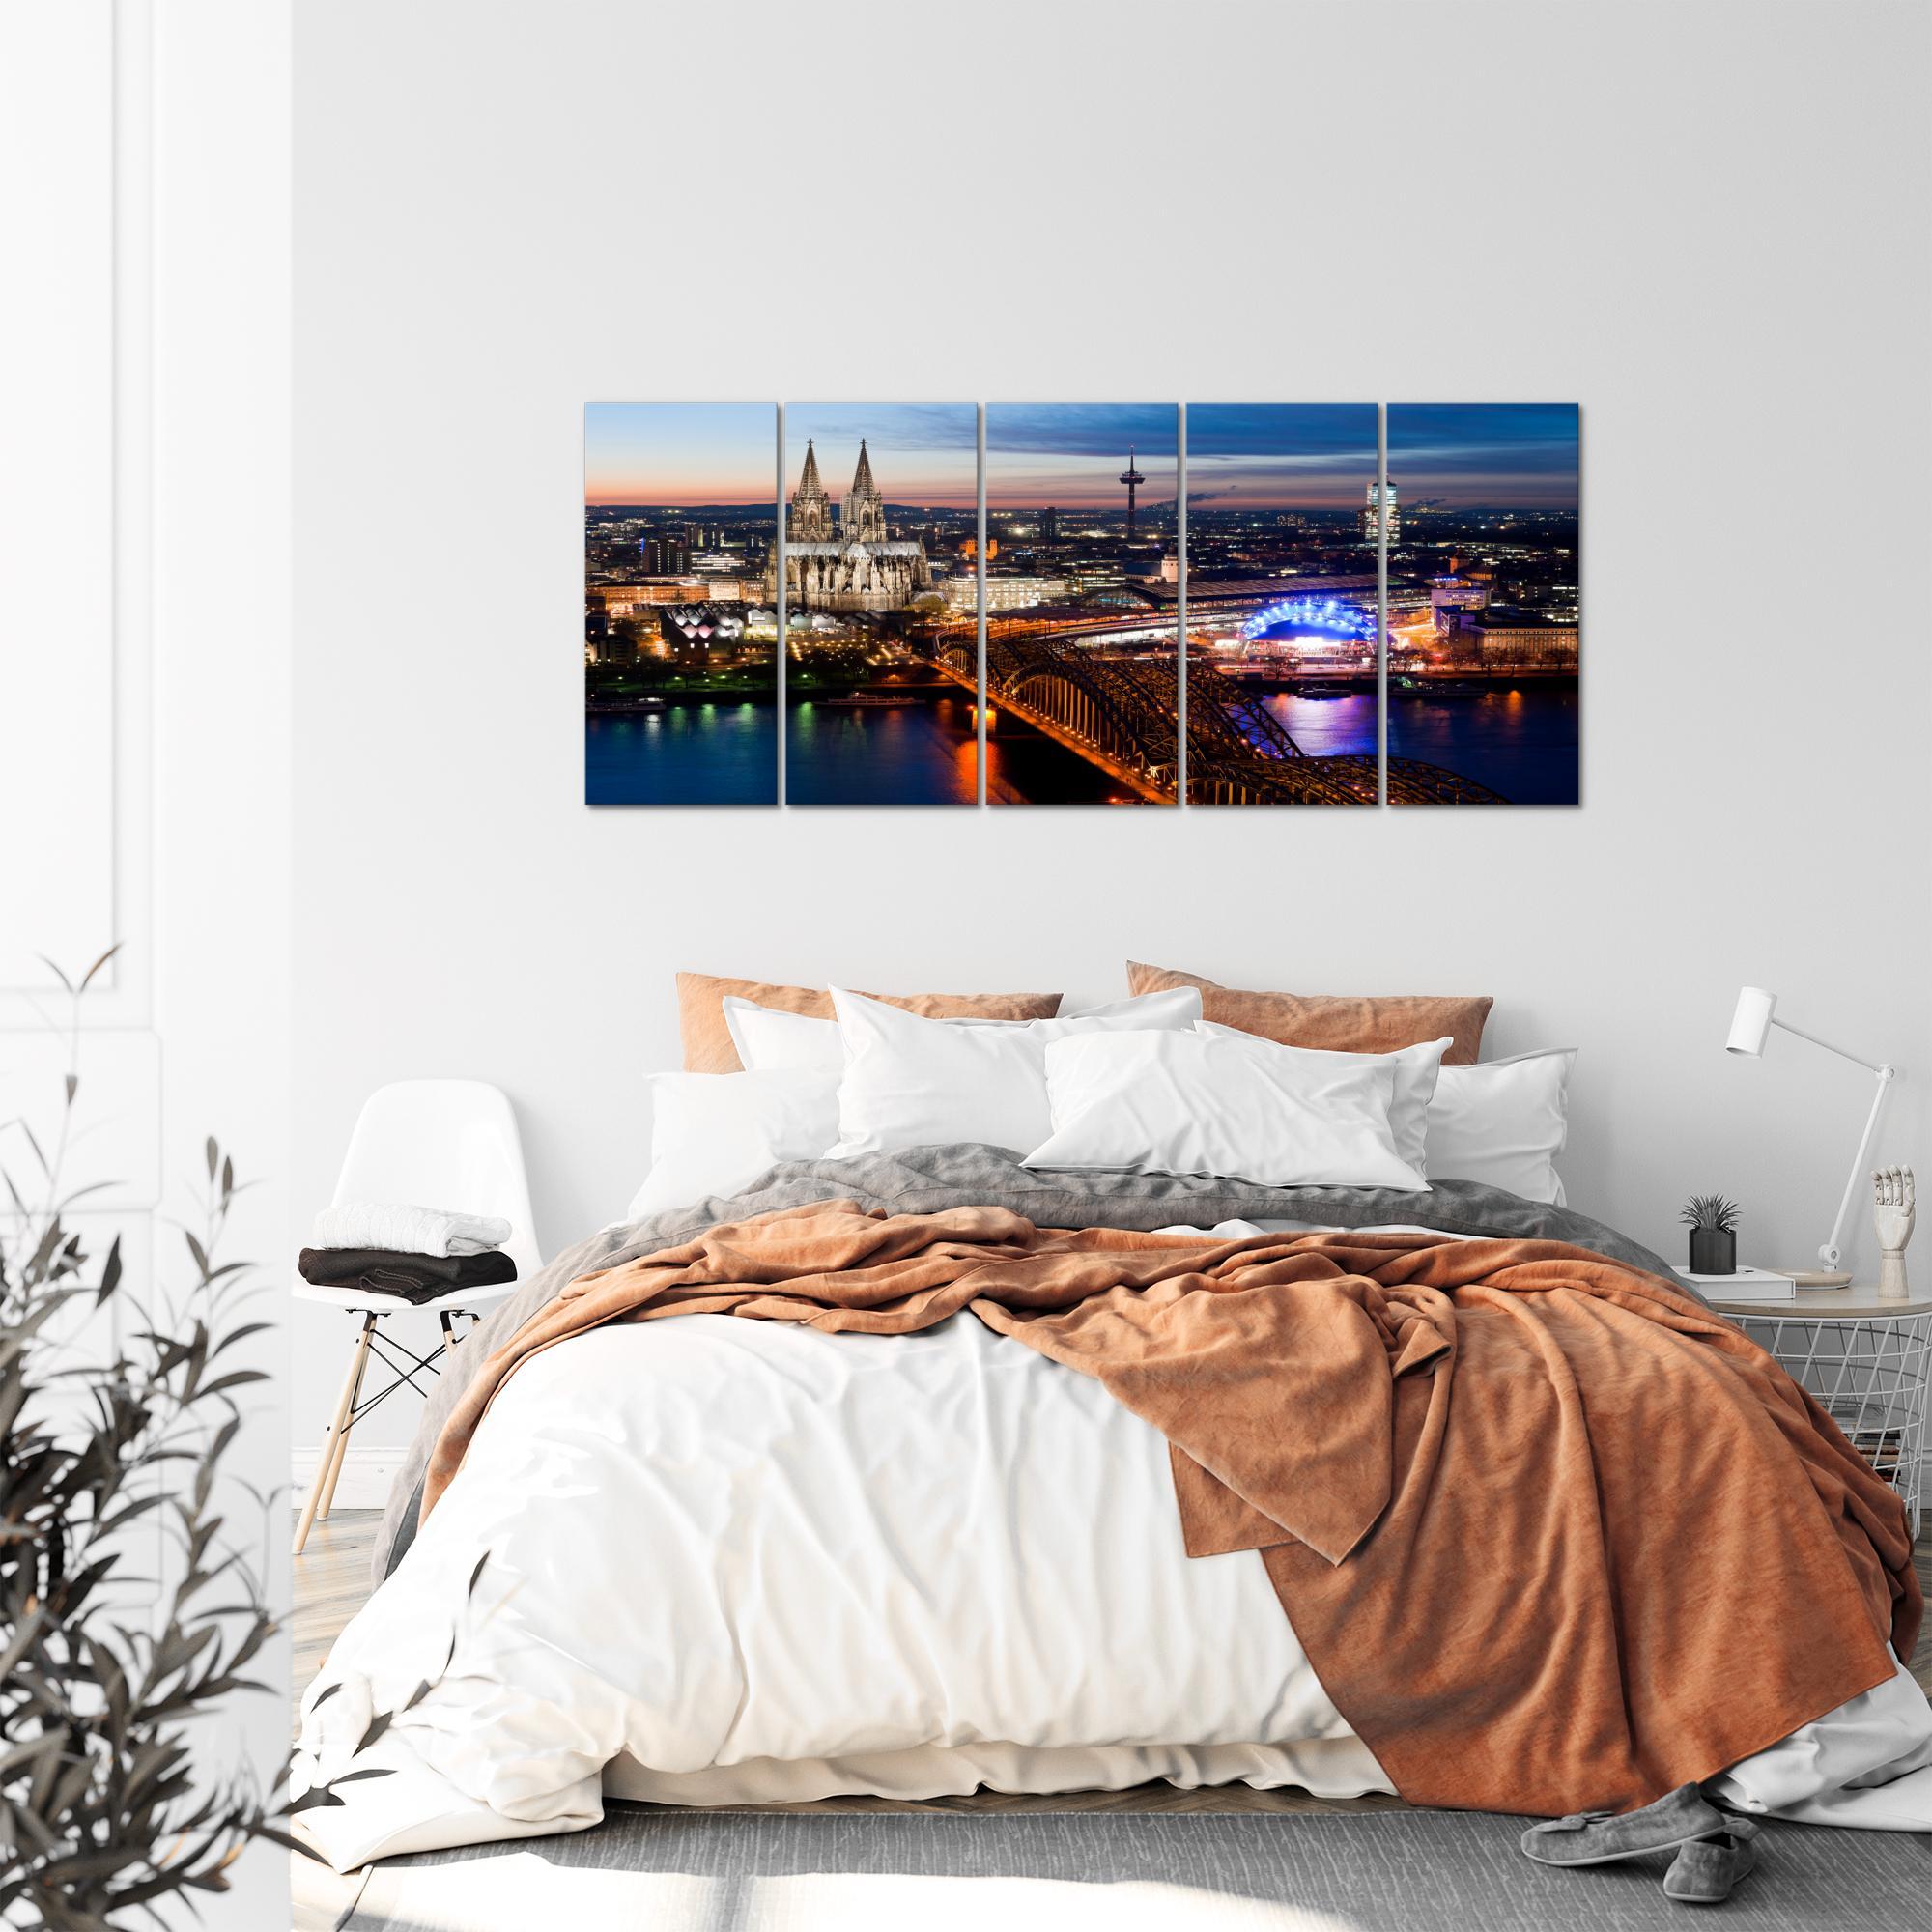 k ln bild kunstdruck auf vlies leinwand xxl dekoration 601555p. Black Bedroom Furniture Sets. Home Design Ideas